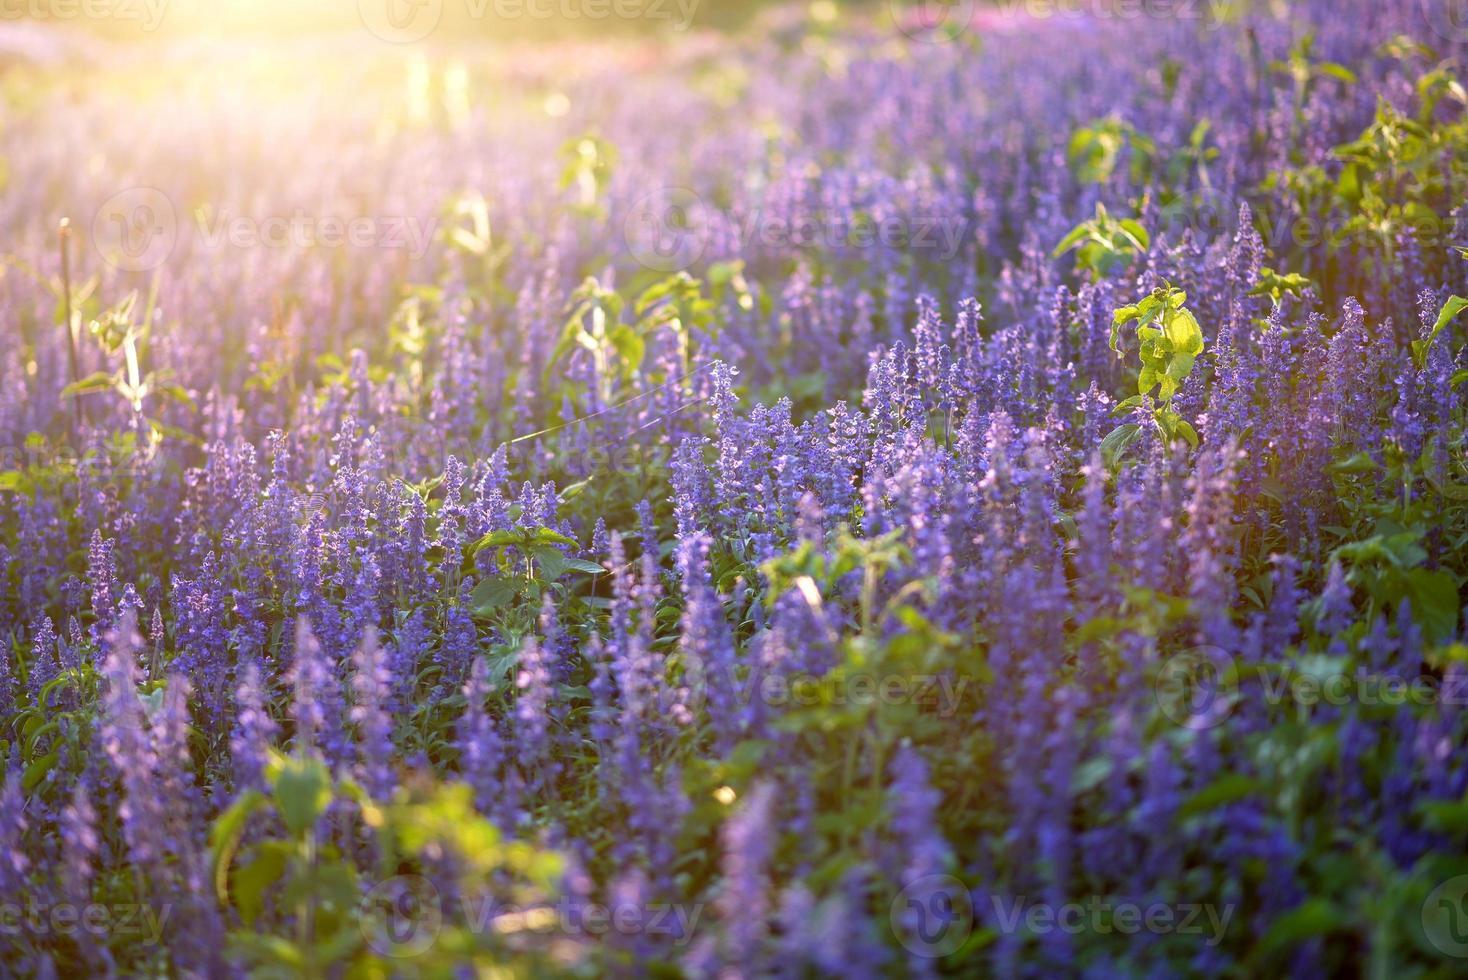 blauwe salvia bloemen op eerlijke avondverlichting van de zon foto